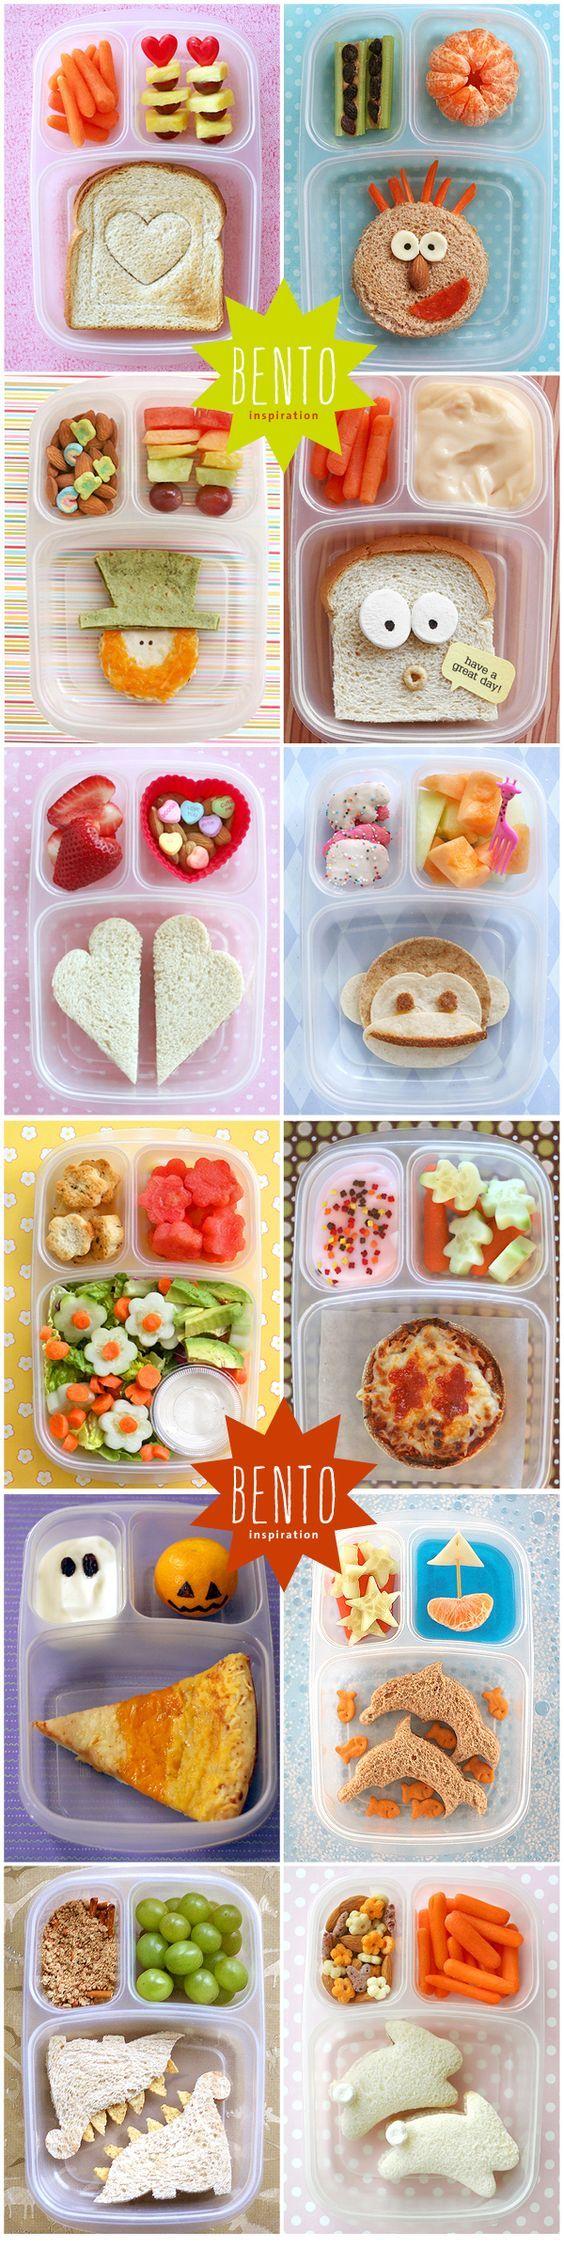 #bento inspiration happy school lunches! bento